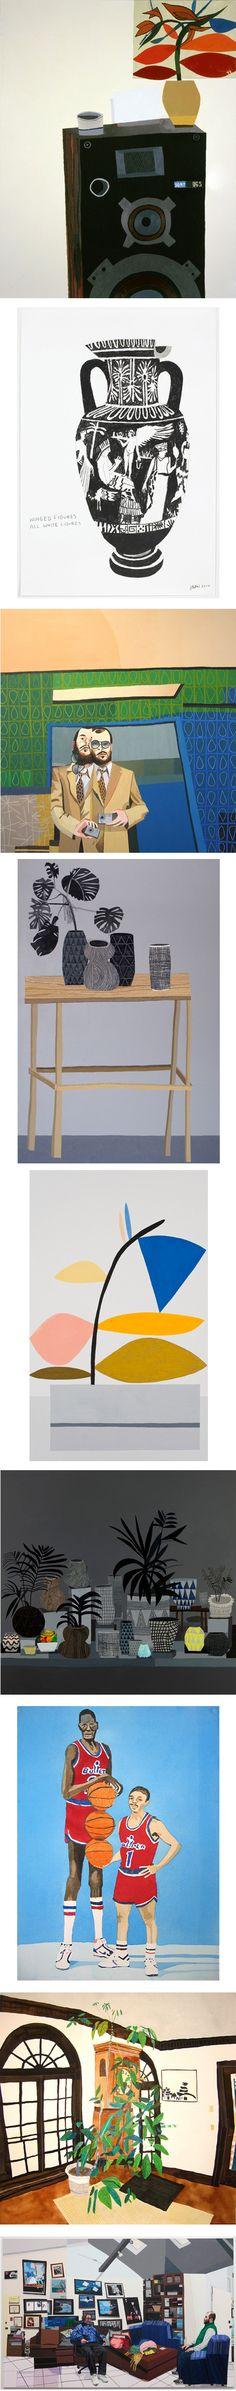 Jonas Wood via http://antonkerngallery.com/artist.php?aid=42